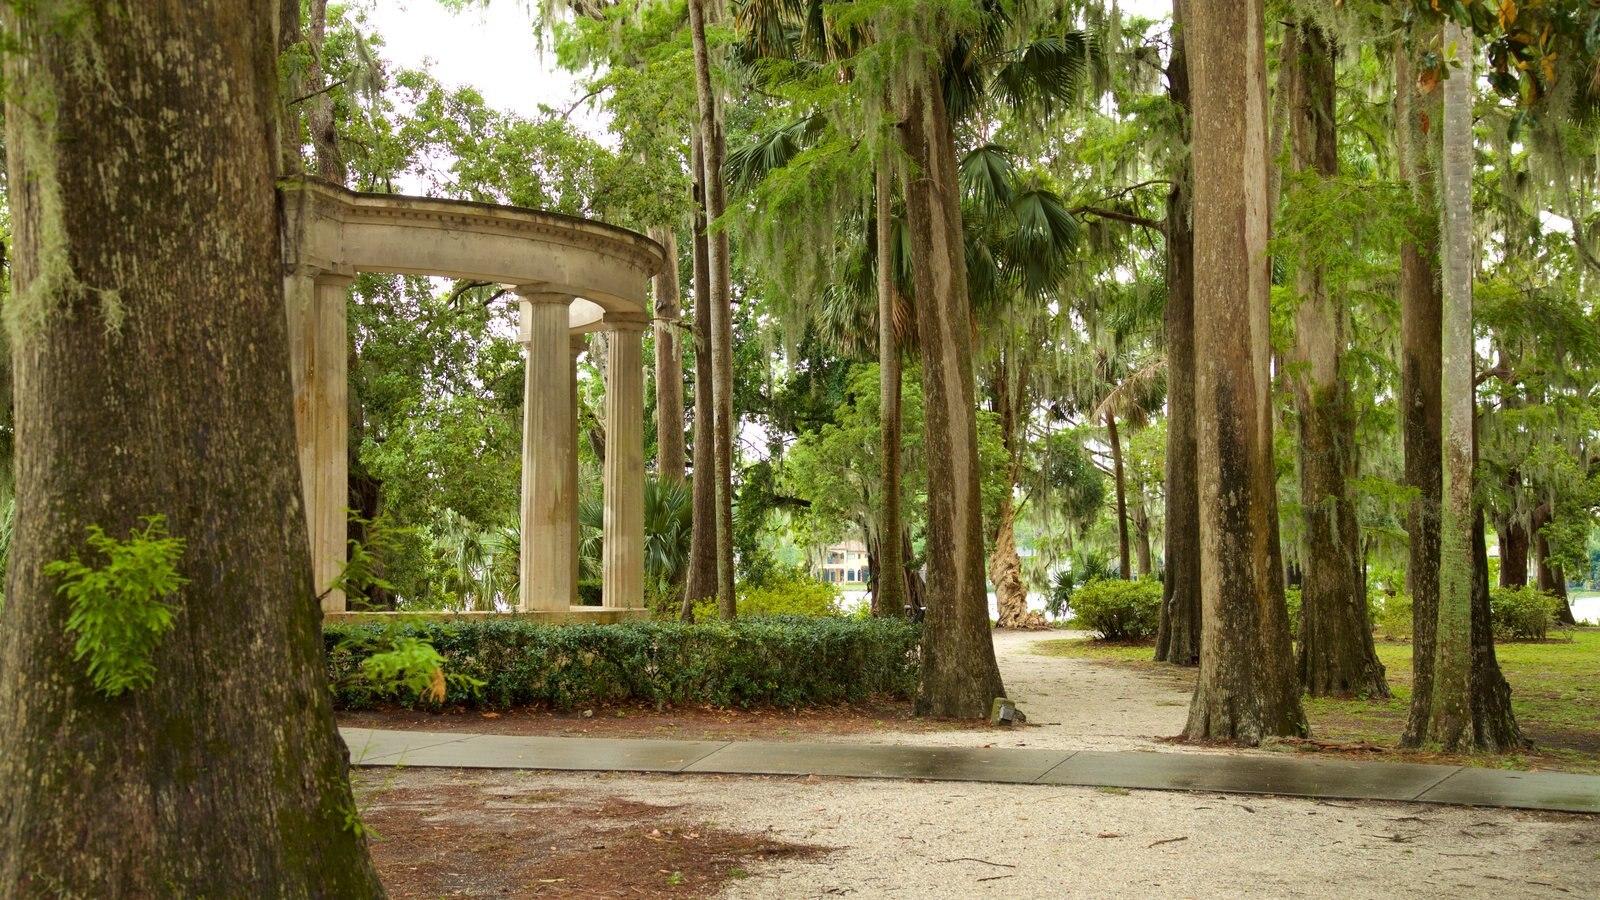 Jardines de Kraft Azalea mostrando un parque